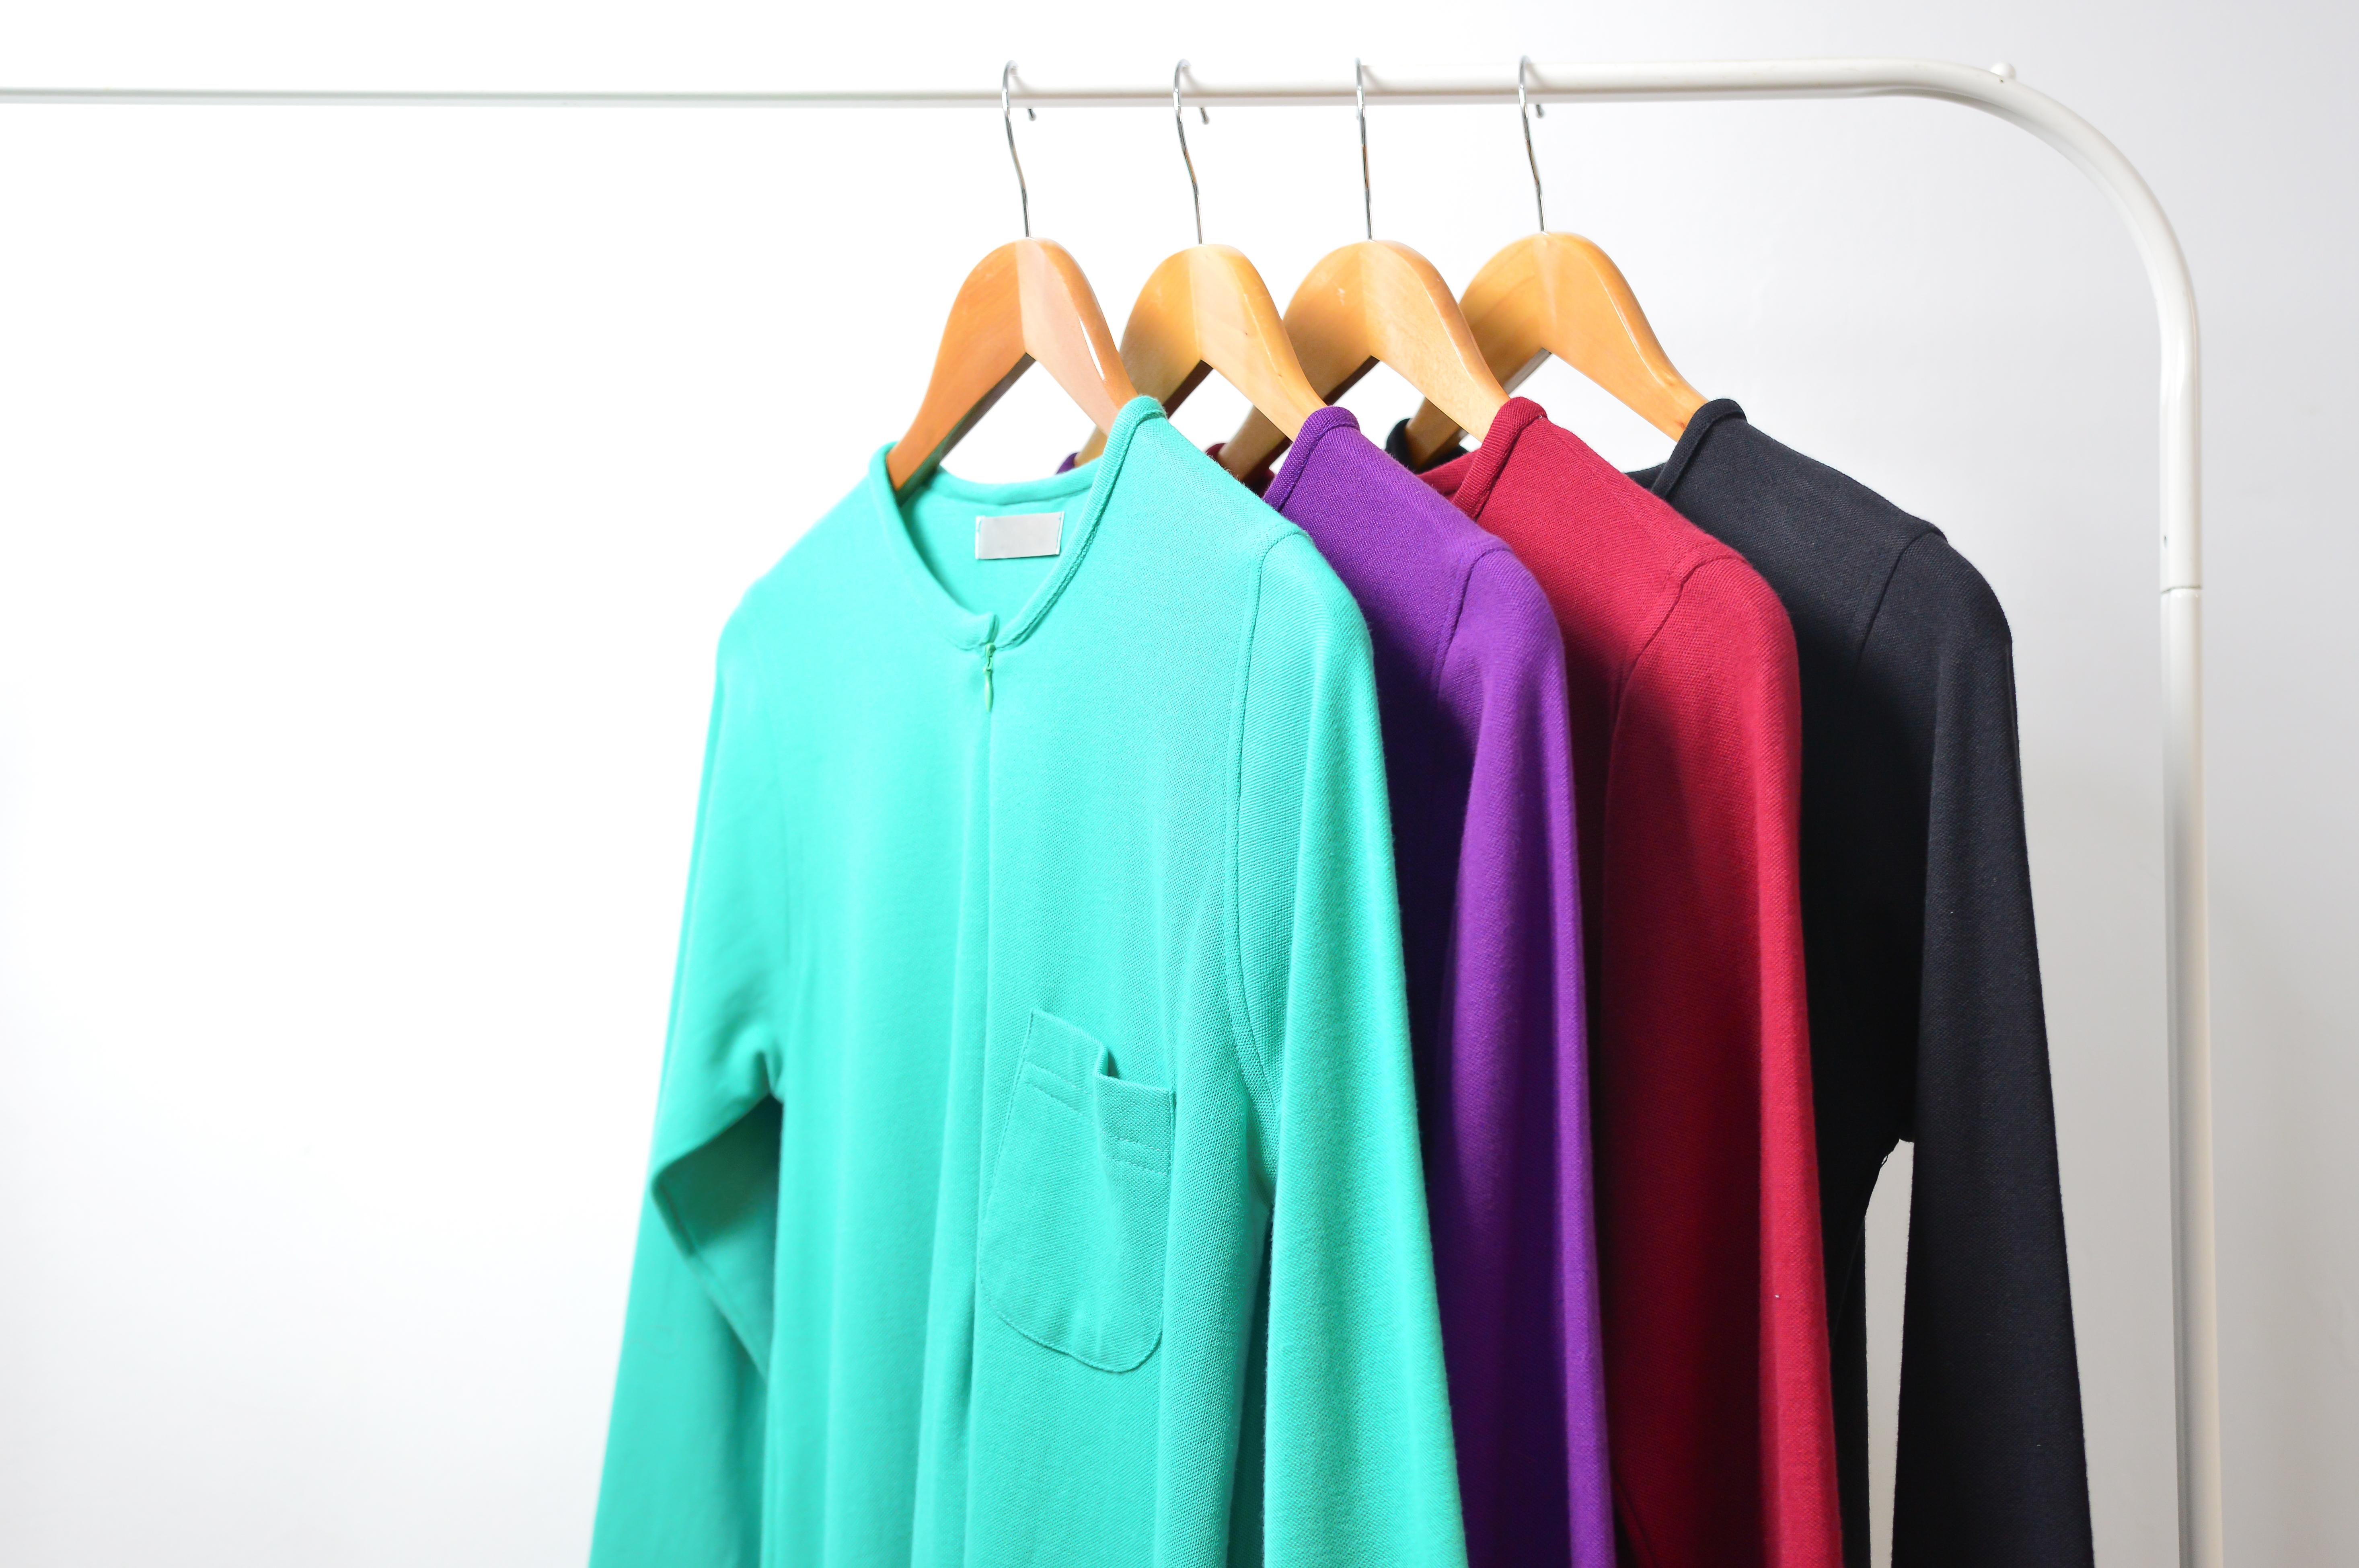 Farby na nás majú zásadný vplyv. Ako ich správne využiť?